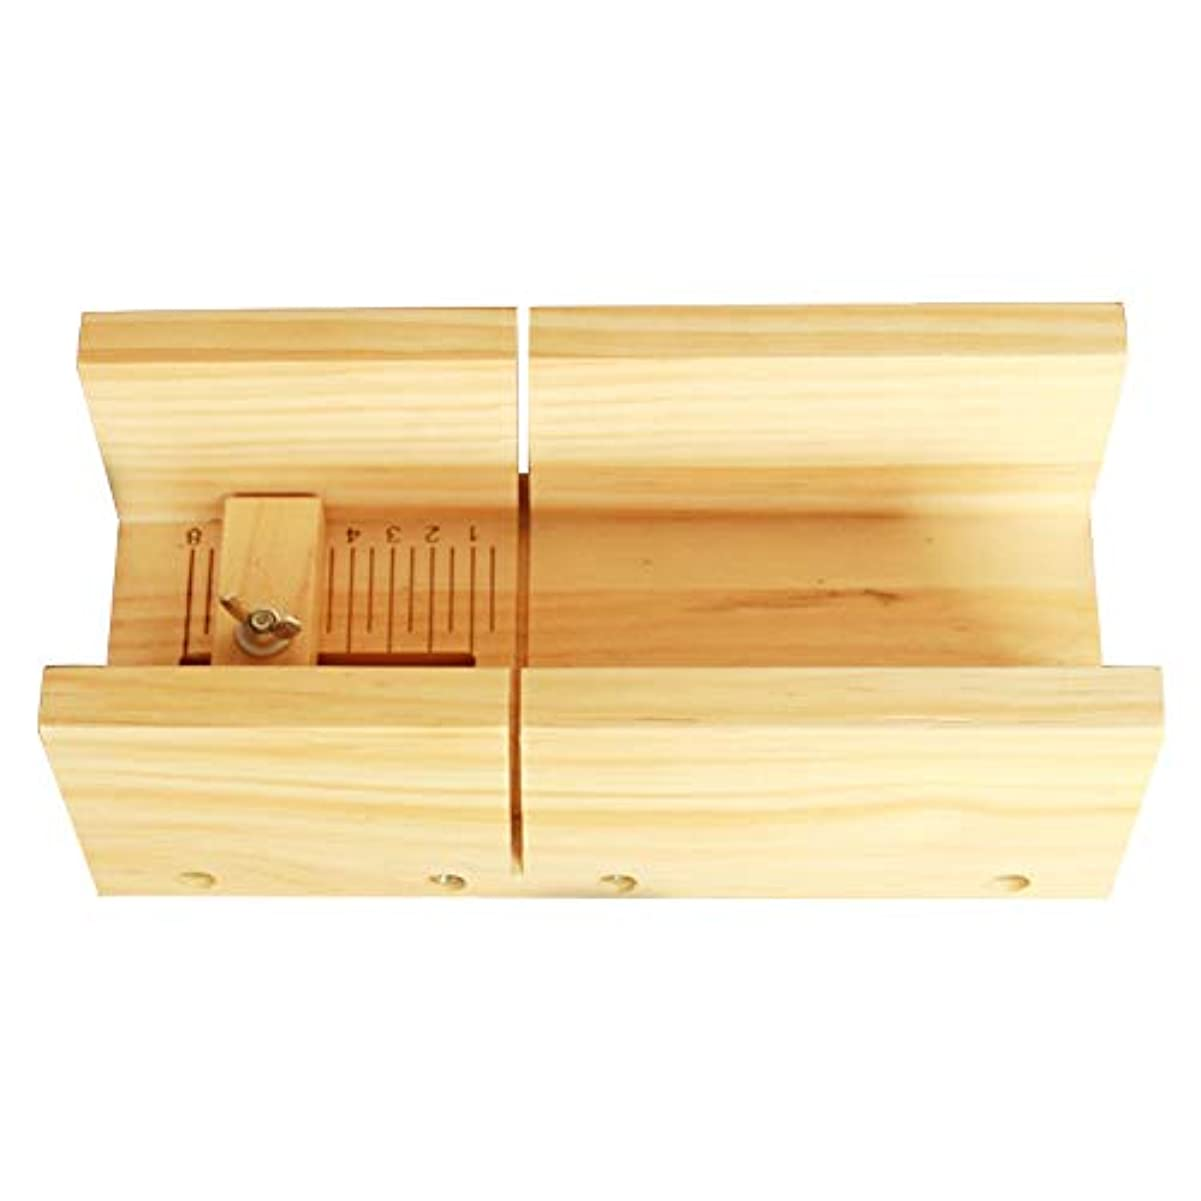 滞在賠償準備するソープカッター、多機能ソープカッターキャンドルケーキチョコレートカッティングツール木製ボックス器具キャンドルスケール用DIYクラフトを作る